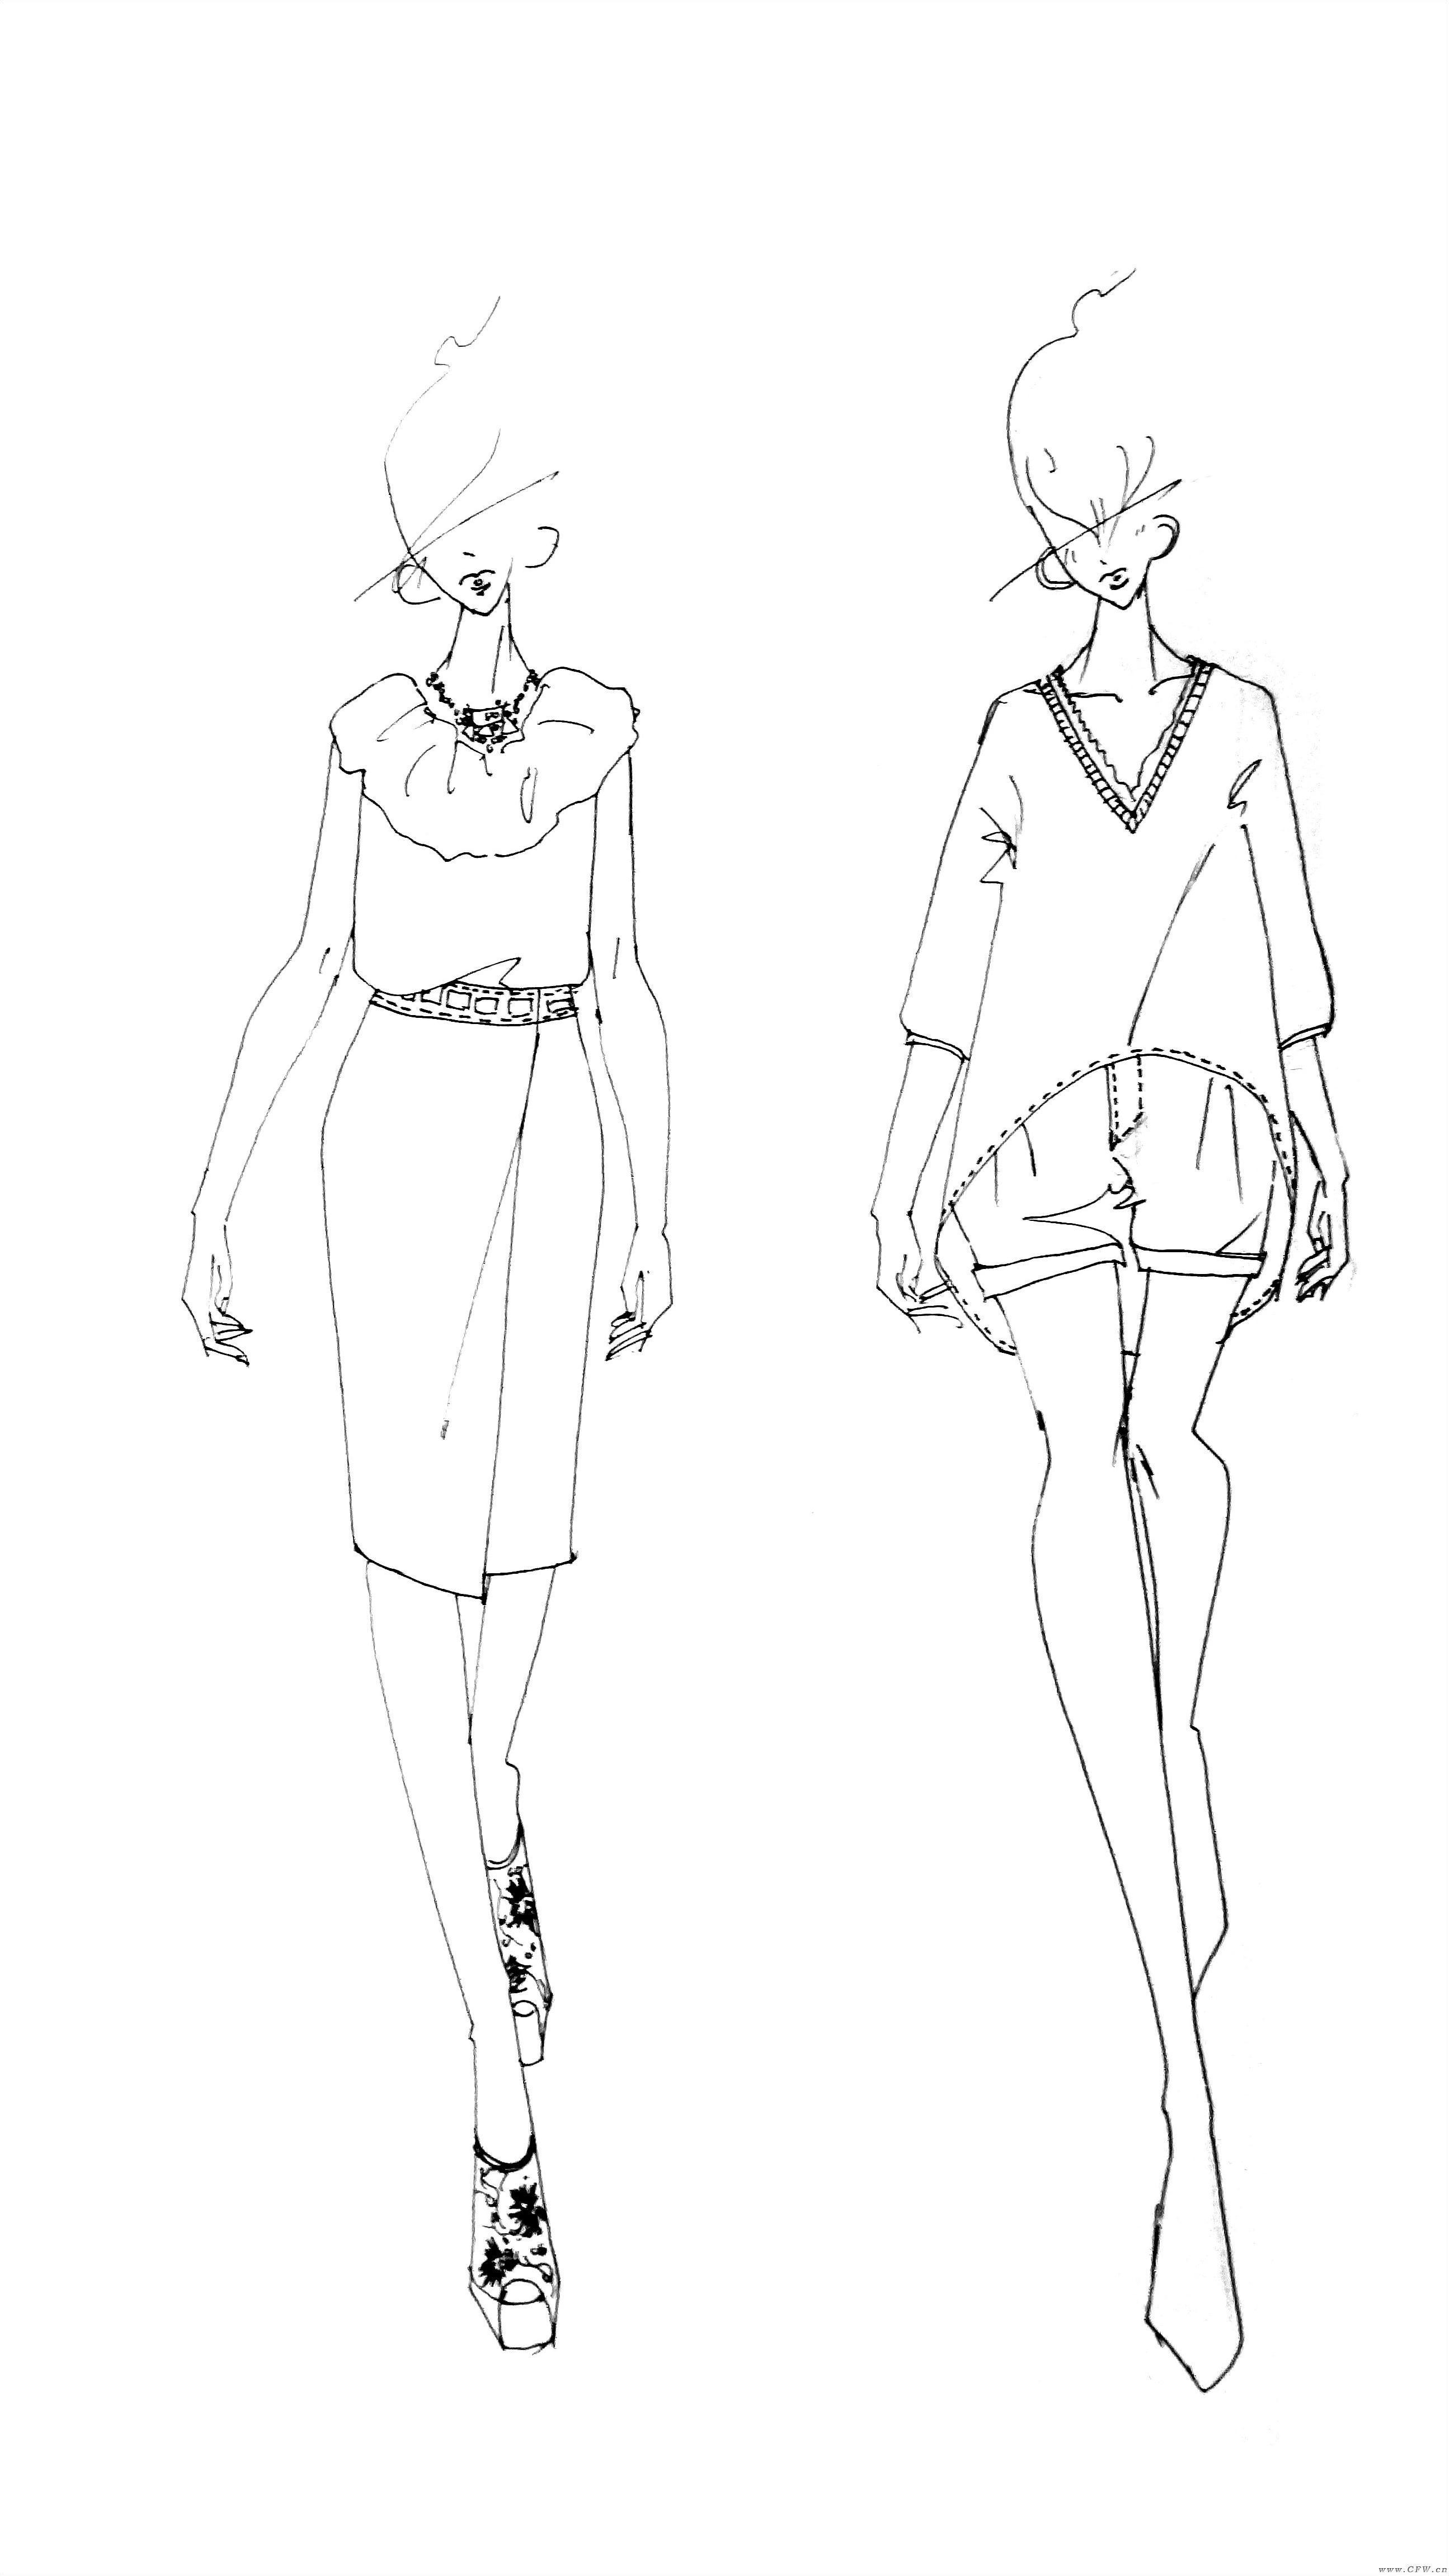 服装手绘图-女装设计-服装设计